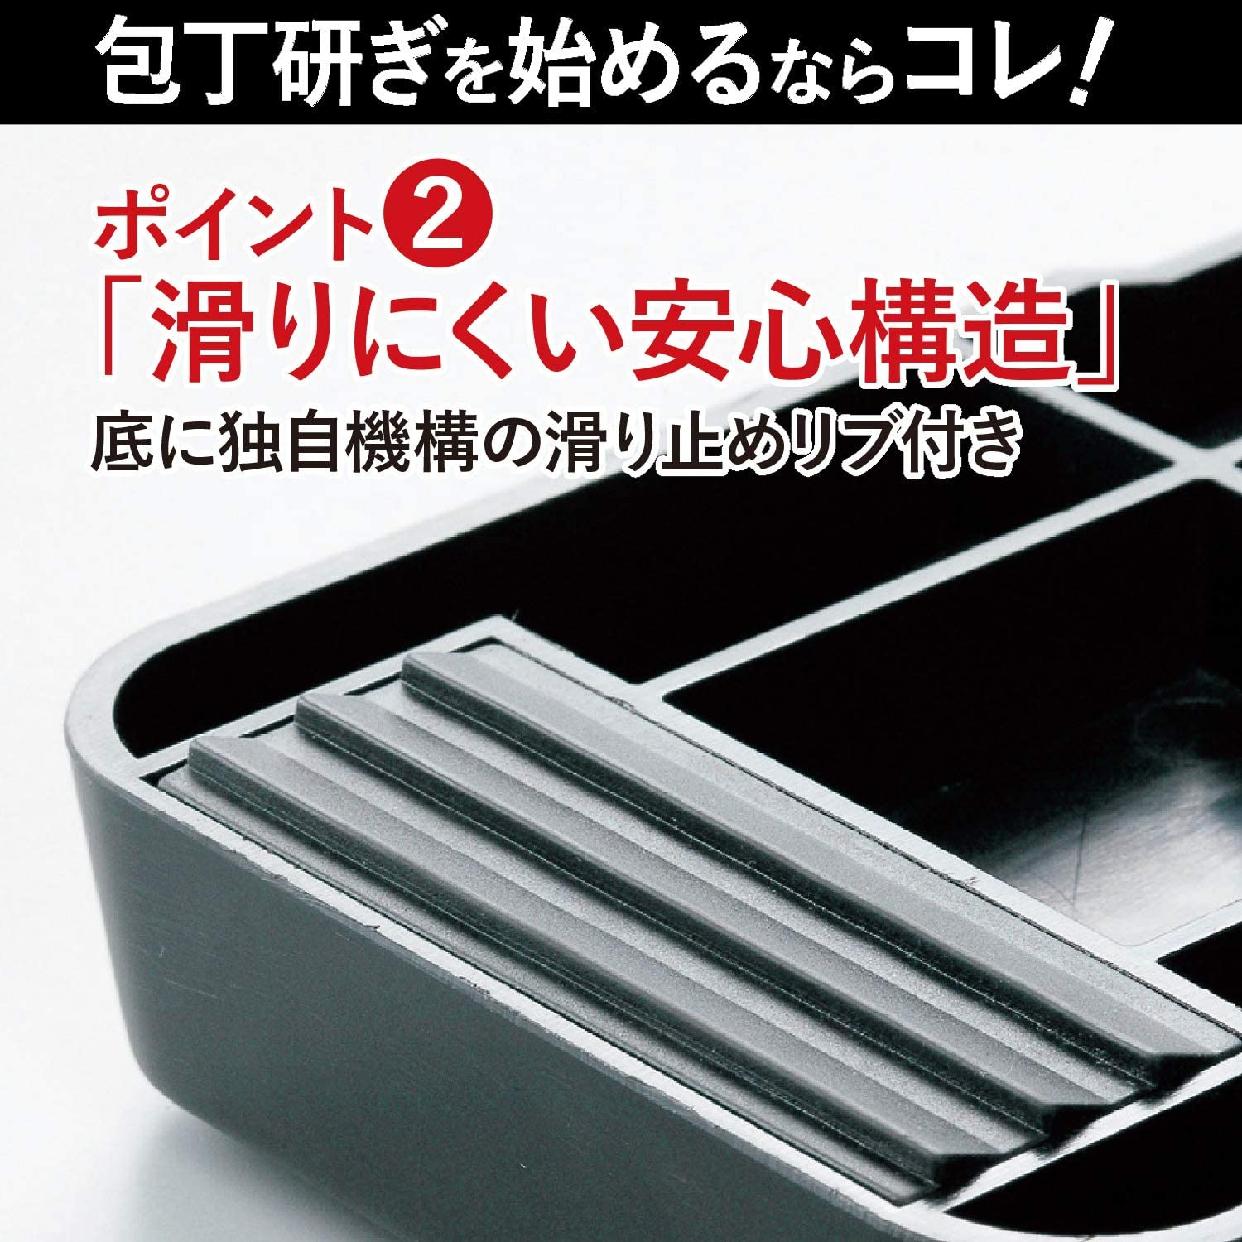 貝印(KAI) コンビ 砥石セット (#400・#1000) 日本製 グレー AP0305の商品画像3